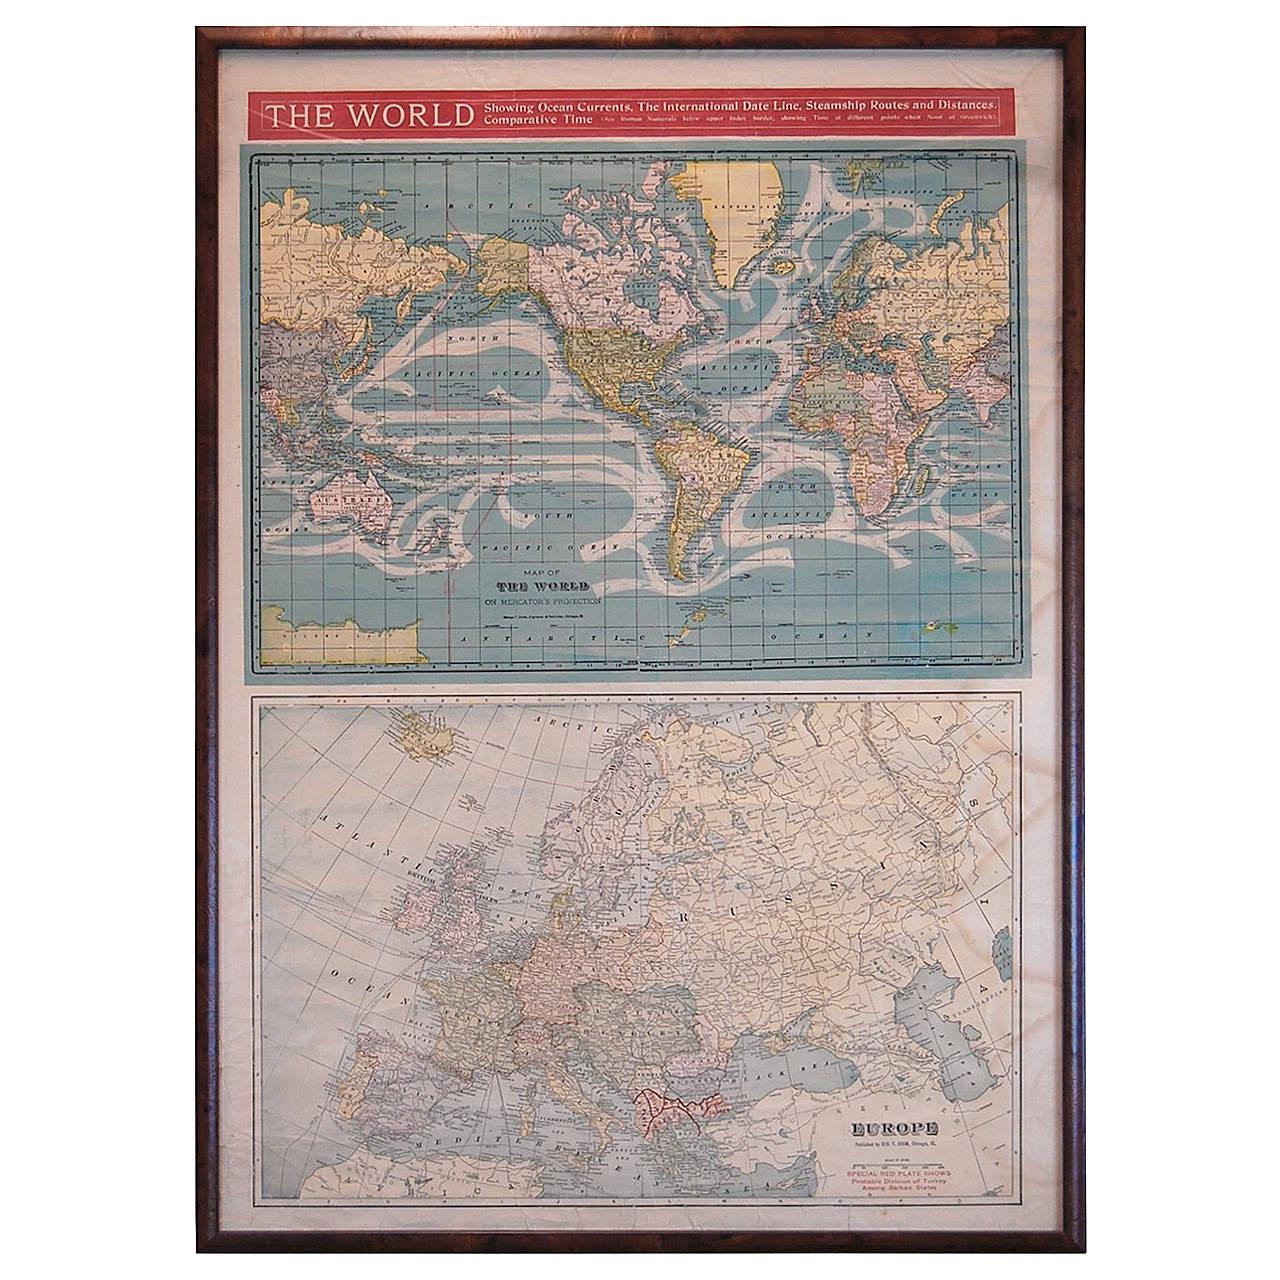 Framed Print of World Maps at 1stdibs